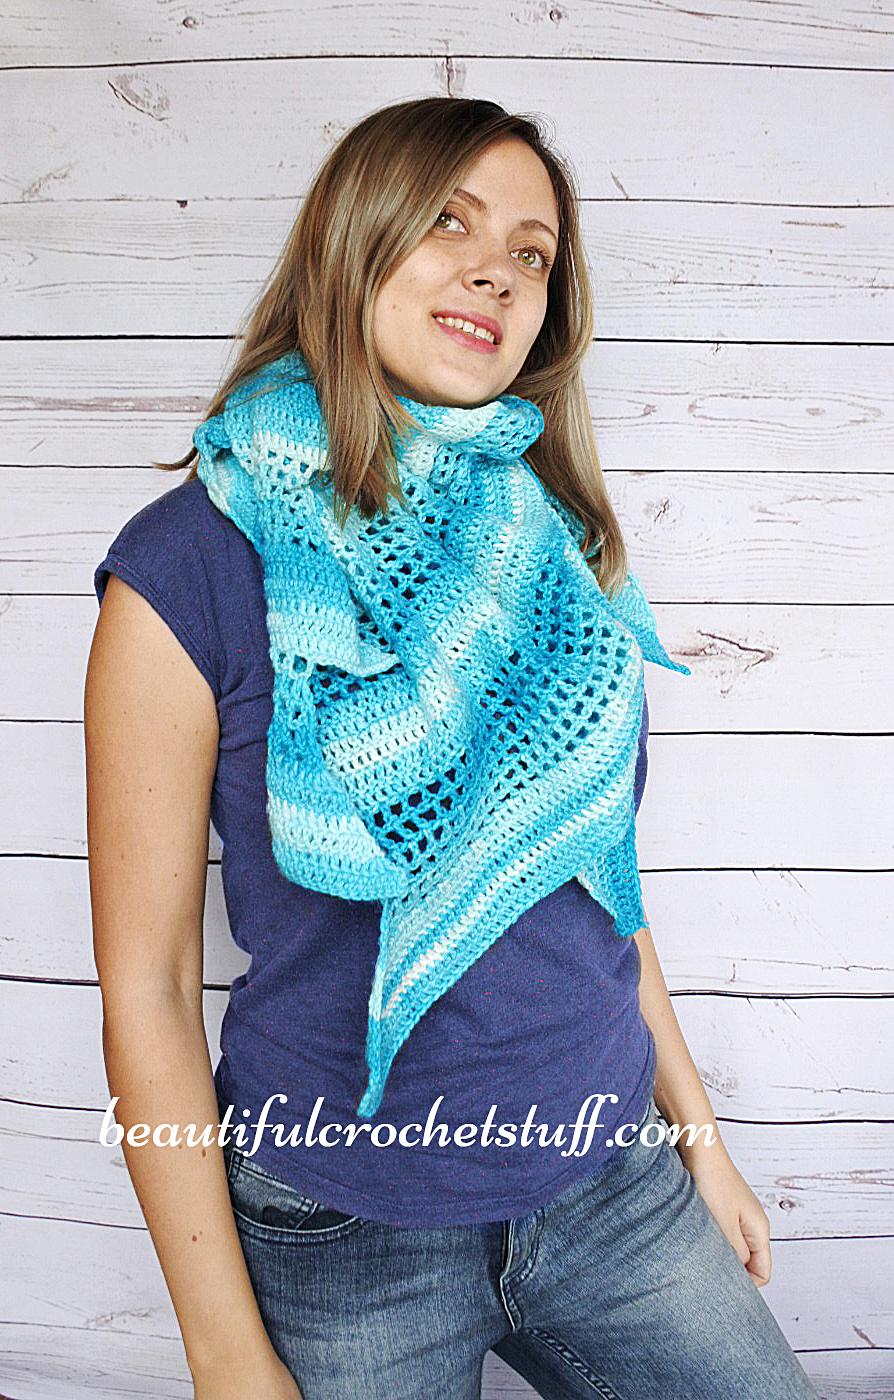 Crochet Baktus Scarf Free Pattern Beautiful Crochet Stuff